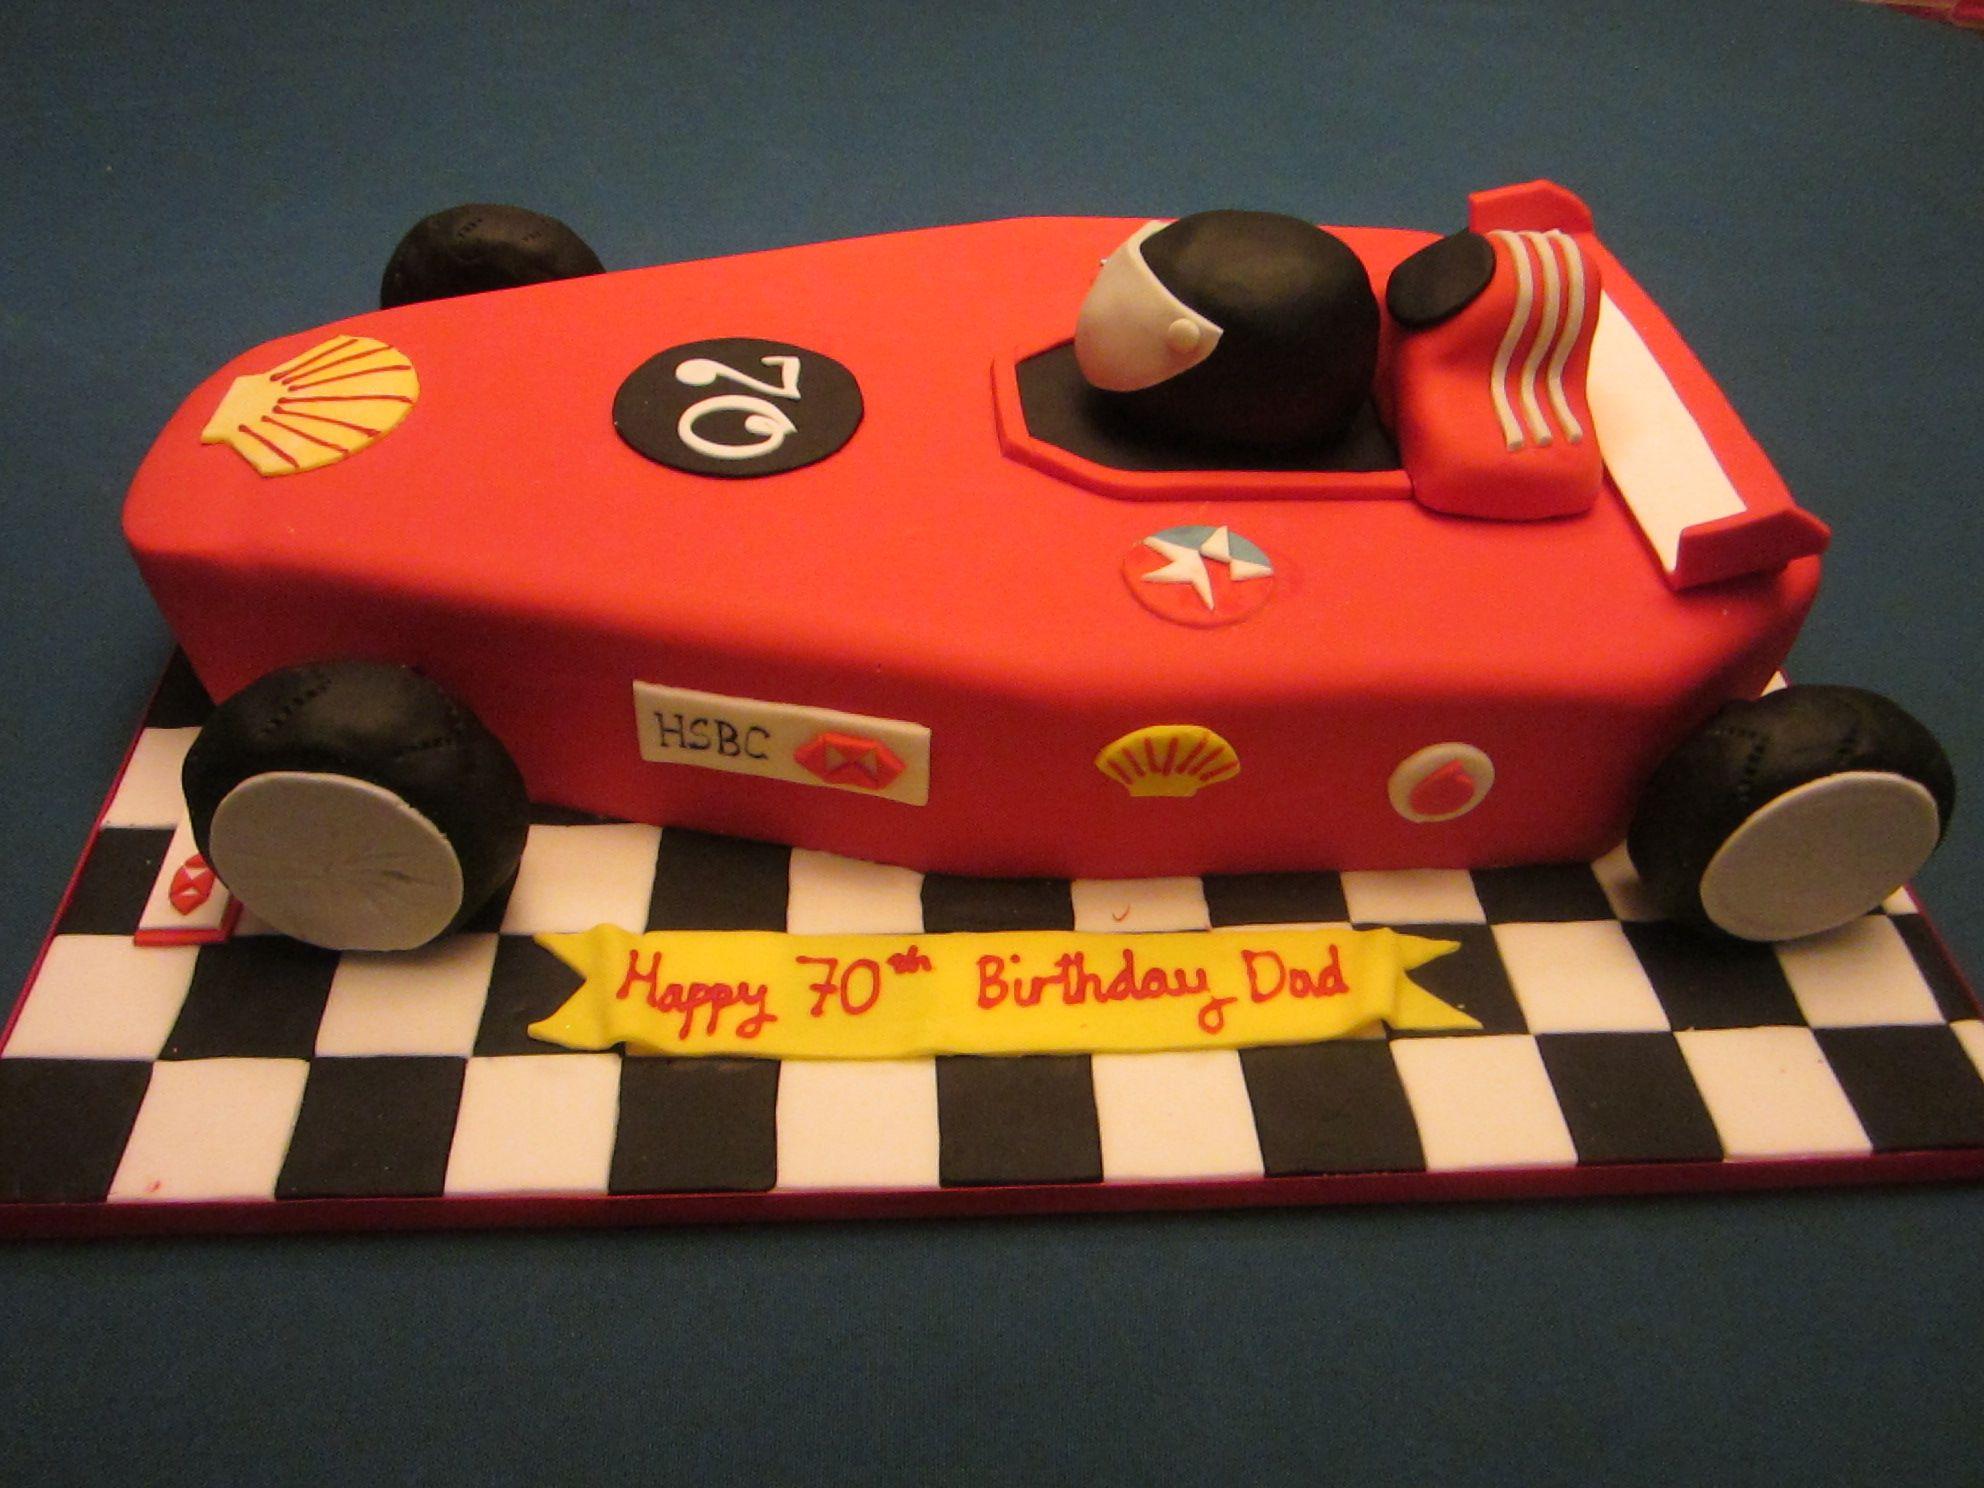 Formula 1 car. Just needs to be McClaren